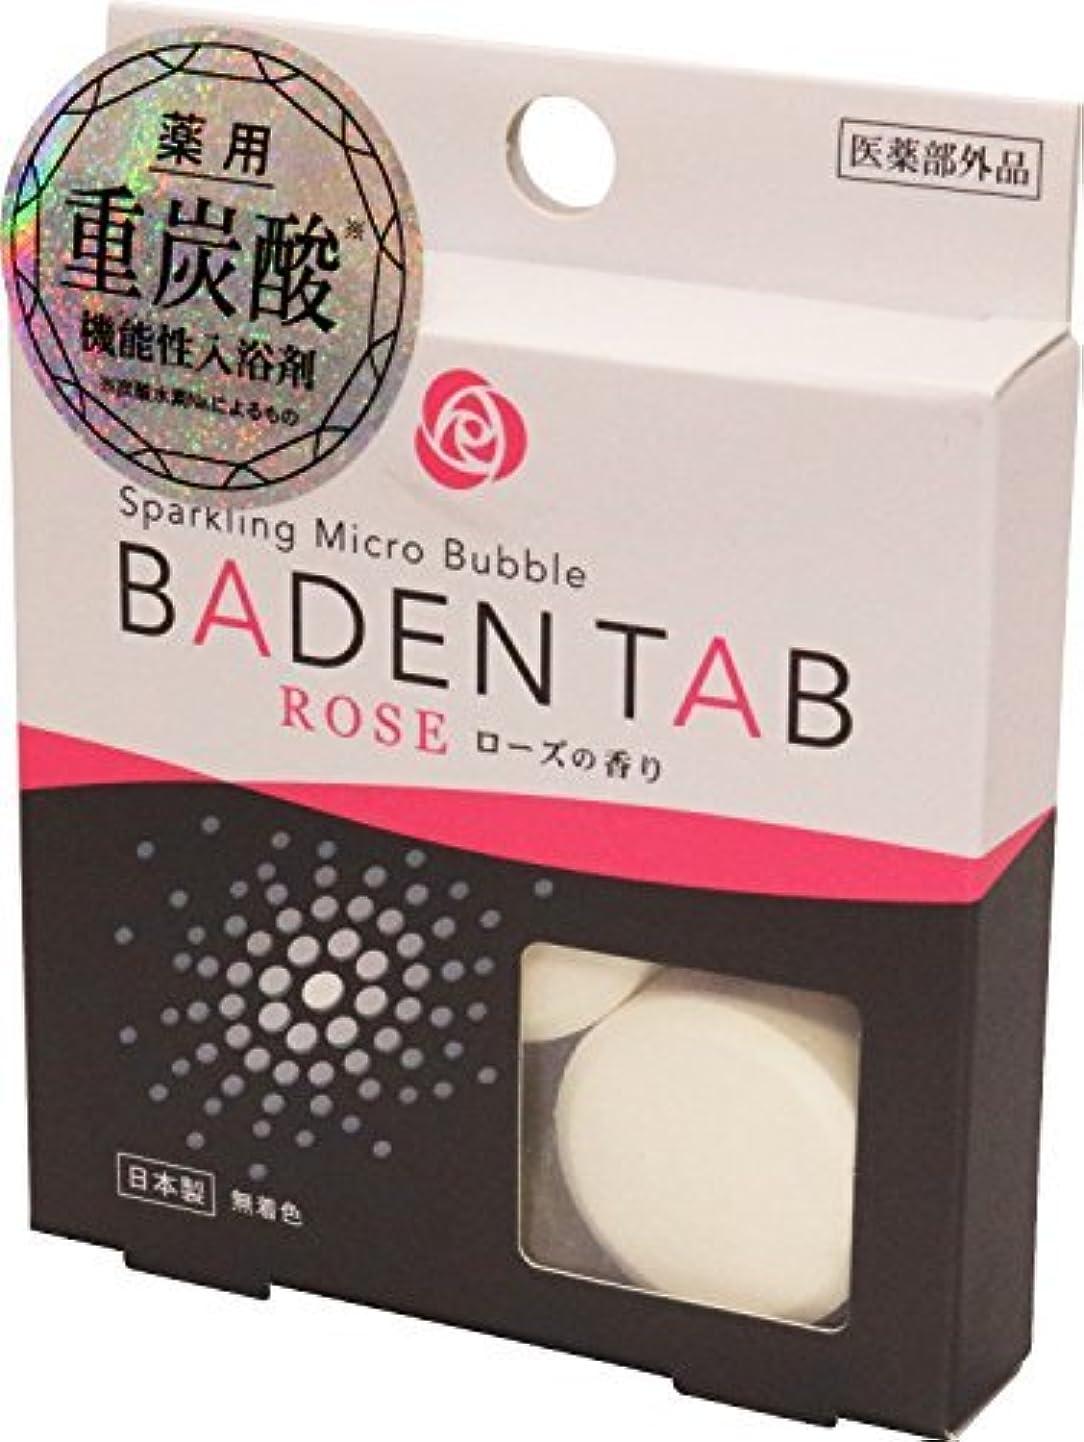 持っている理由ゼリー日本製 made in japan 薬用BadenTabローズの香り5錠1パック15gx5錠入 BT-8754 【まとめ買い12個セット】